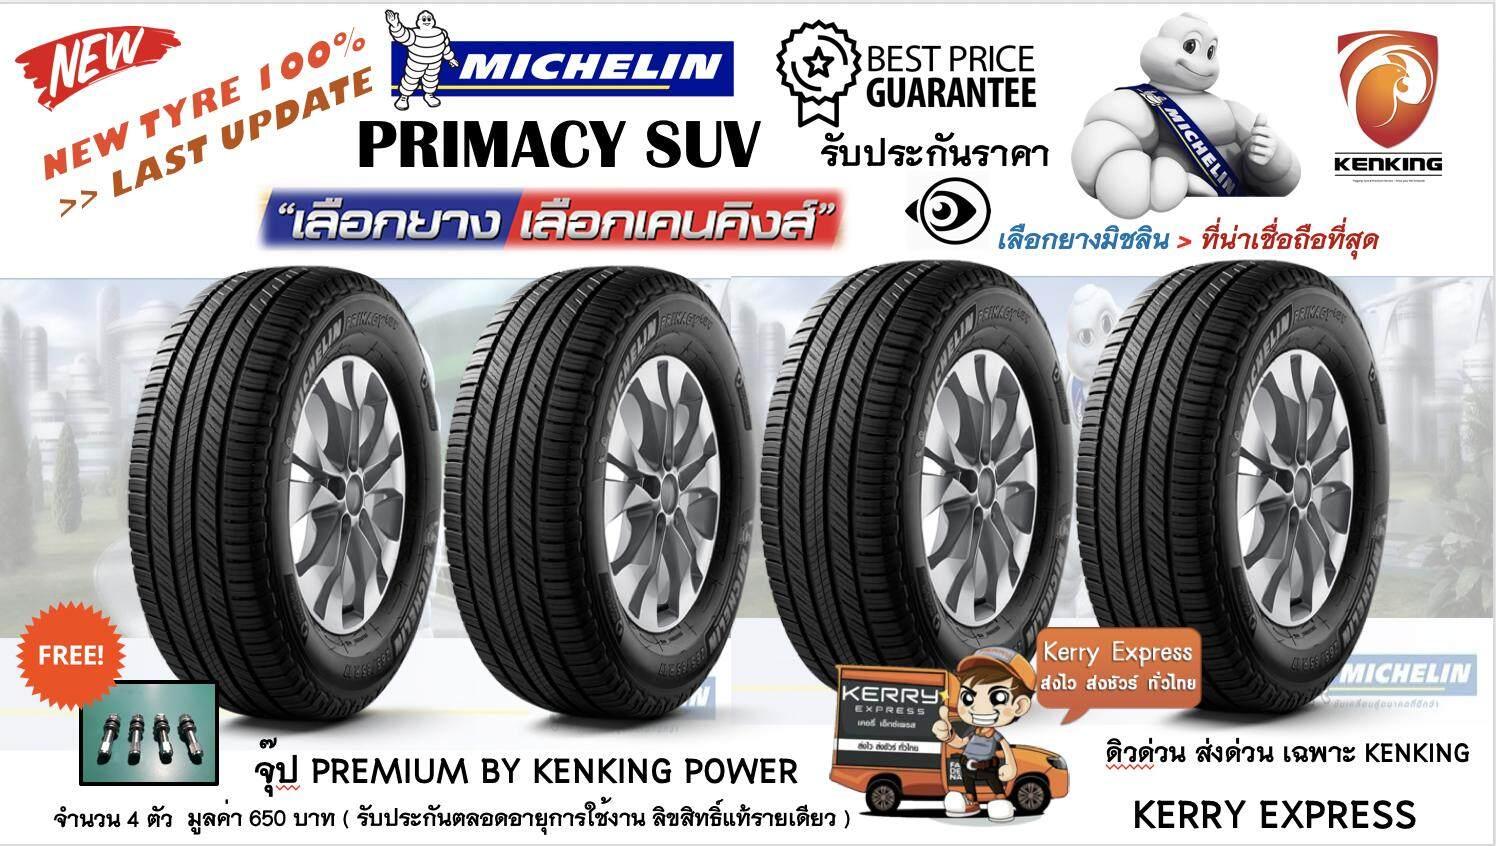 ประกันภัย รถยนต์ 3 พลัส ราคา ถูก นนทบุรี ยางรถยนต์ขอบ17 Michelin 265/65 R17 Primacy SUV ปี 2019 จำนวน 4 เส้น ฟรี!! จุ๊ปสแตนเลส Premium 850 บาท ( ยางขอบ17 ราคาส่ง)